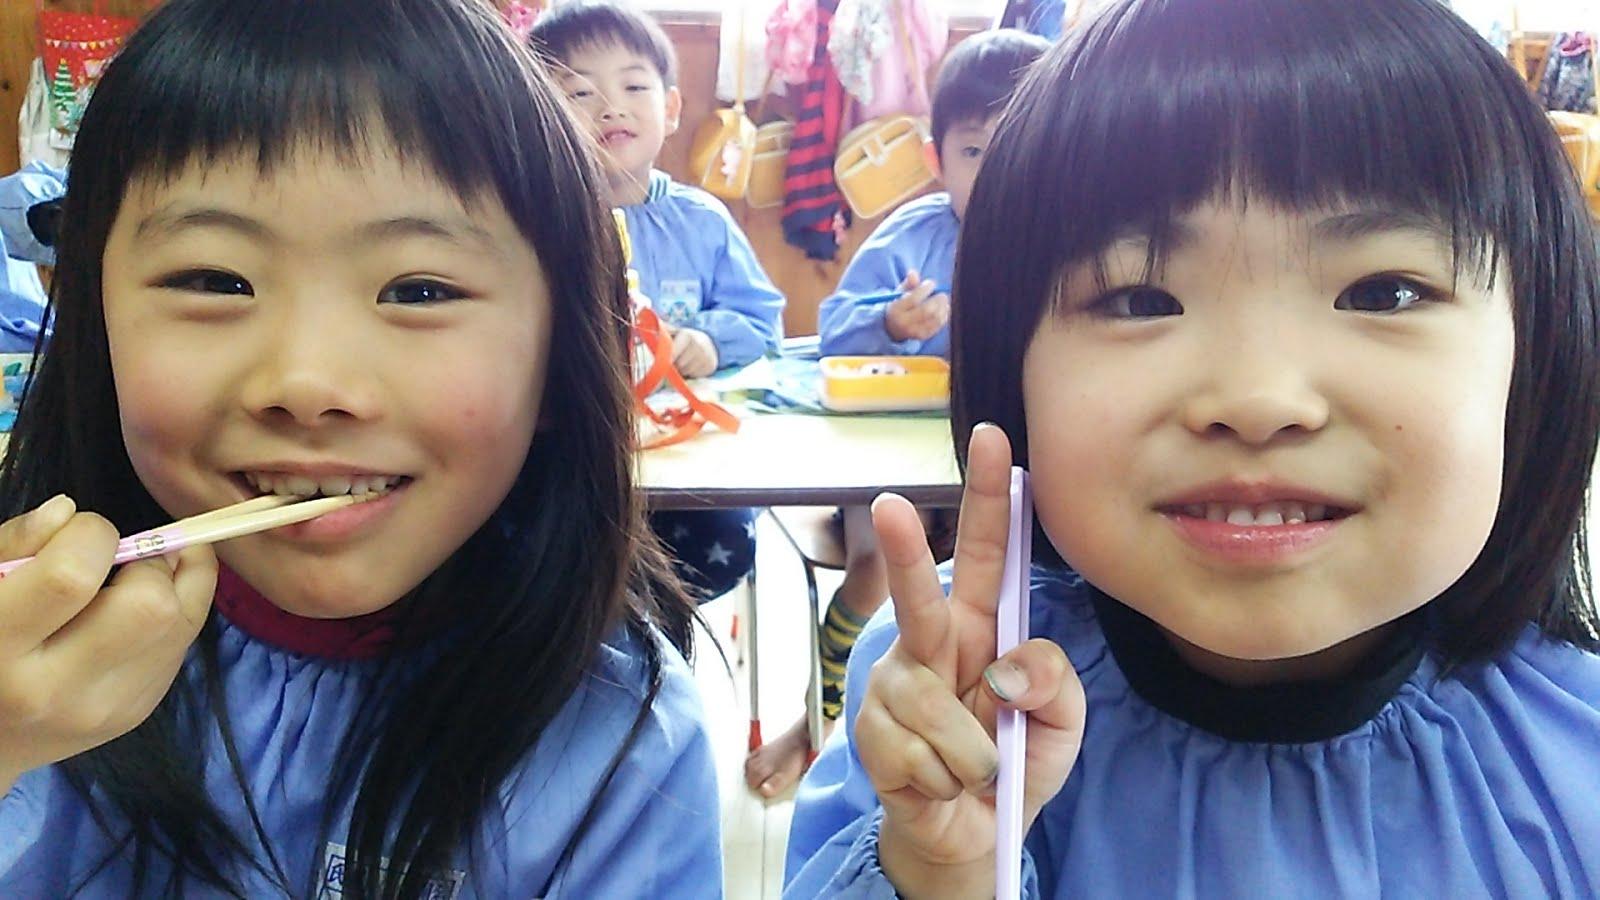 熊本県のちぐさ幼稚園ぶろぐ: ニコニコがかわいいきぐみさん